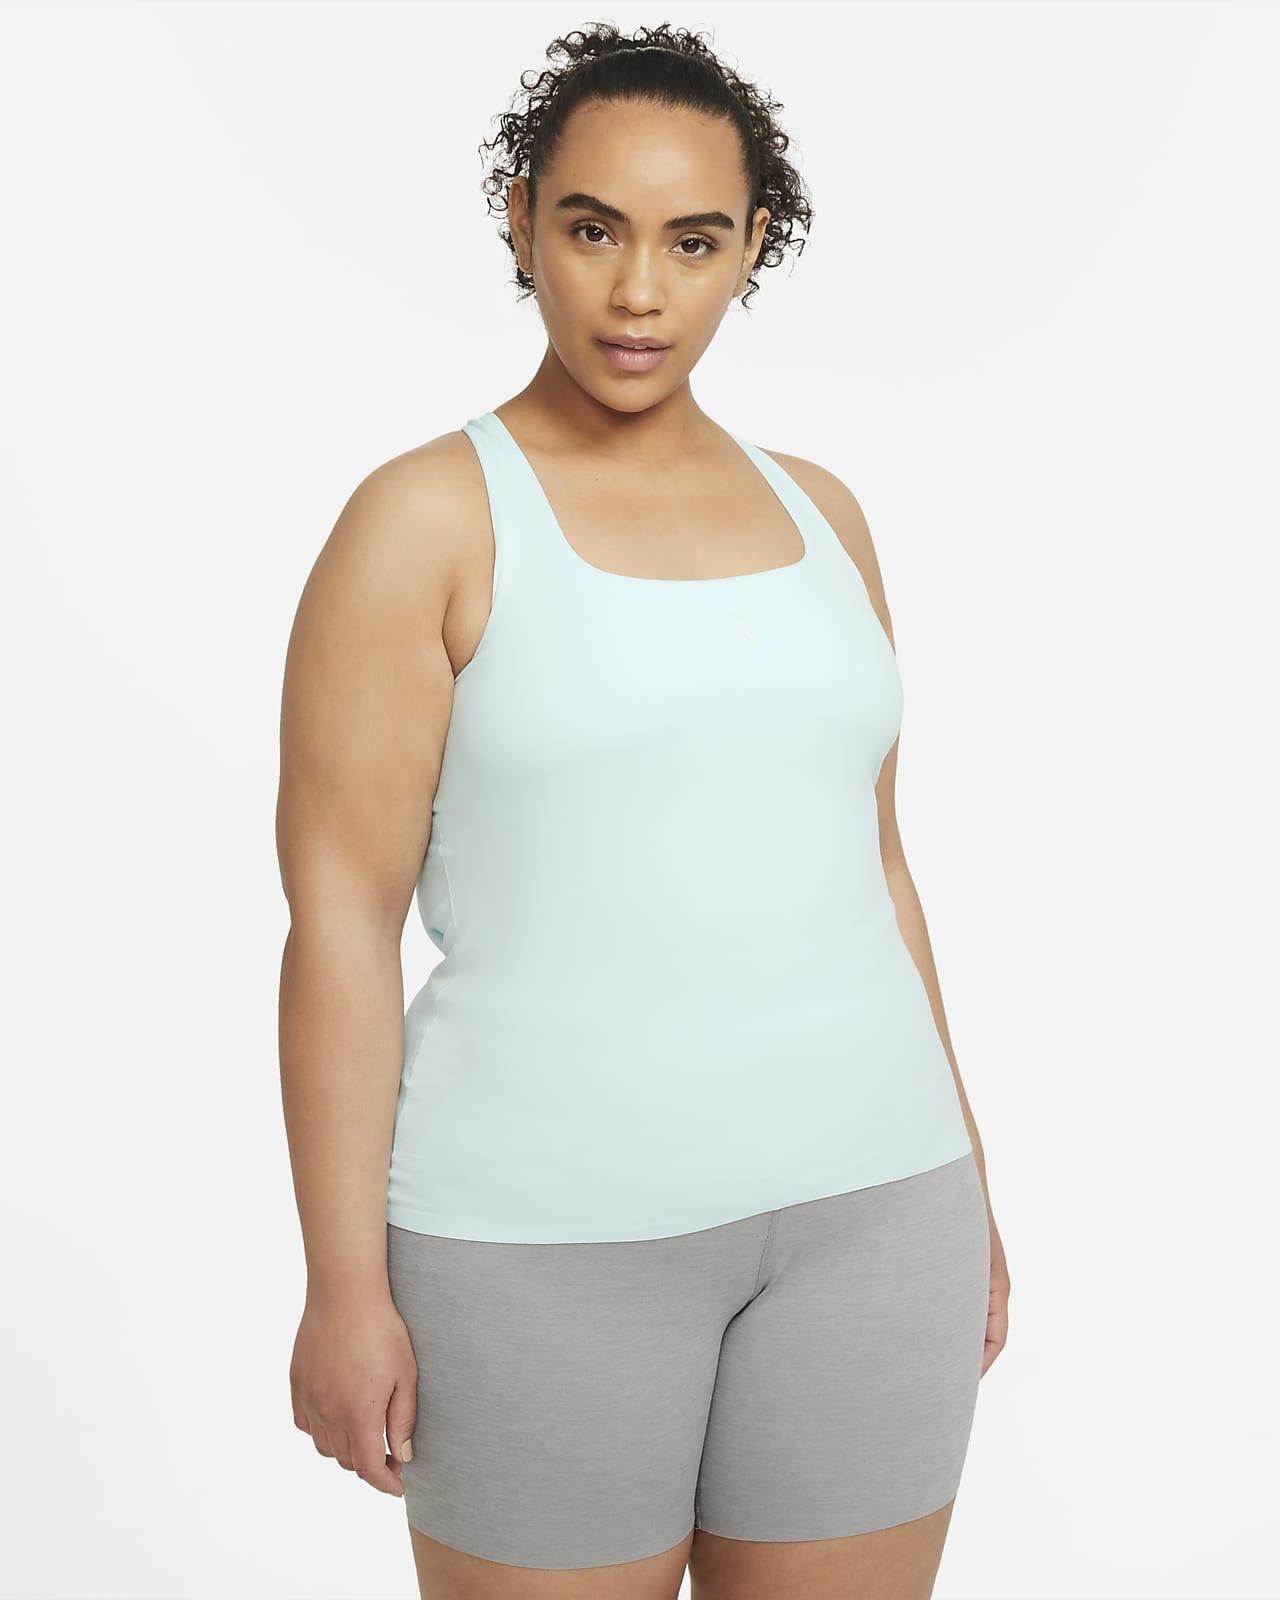 Camiseta de tirantes con sujetador para mujer talla grande Nike Yoga Luxe